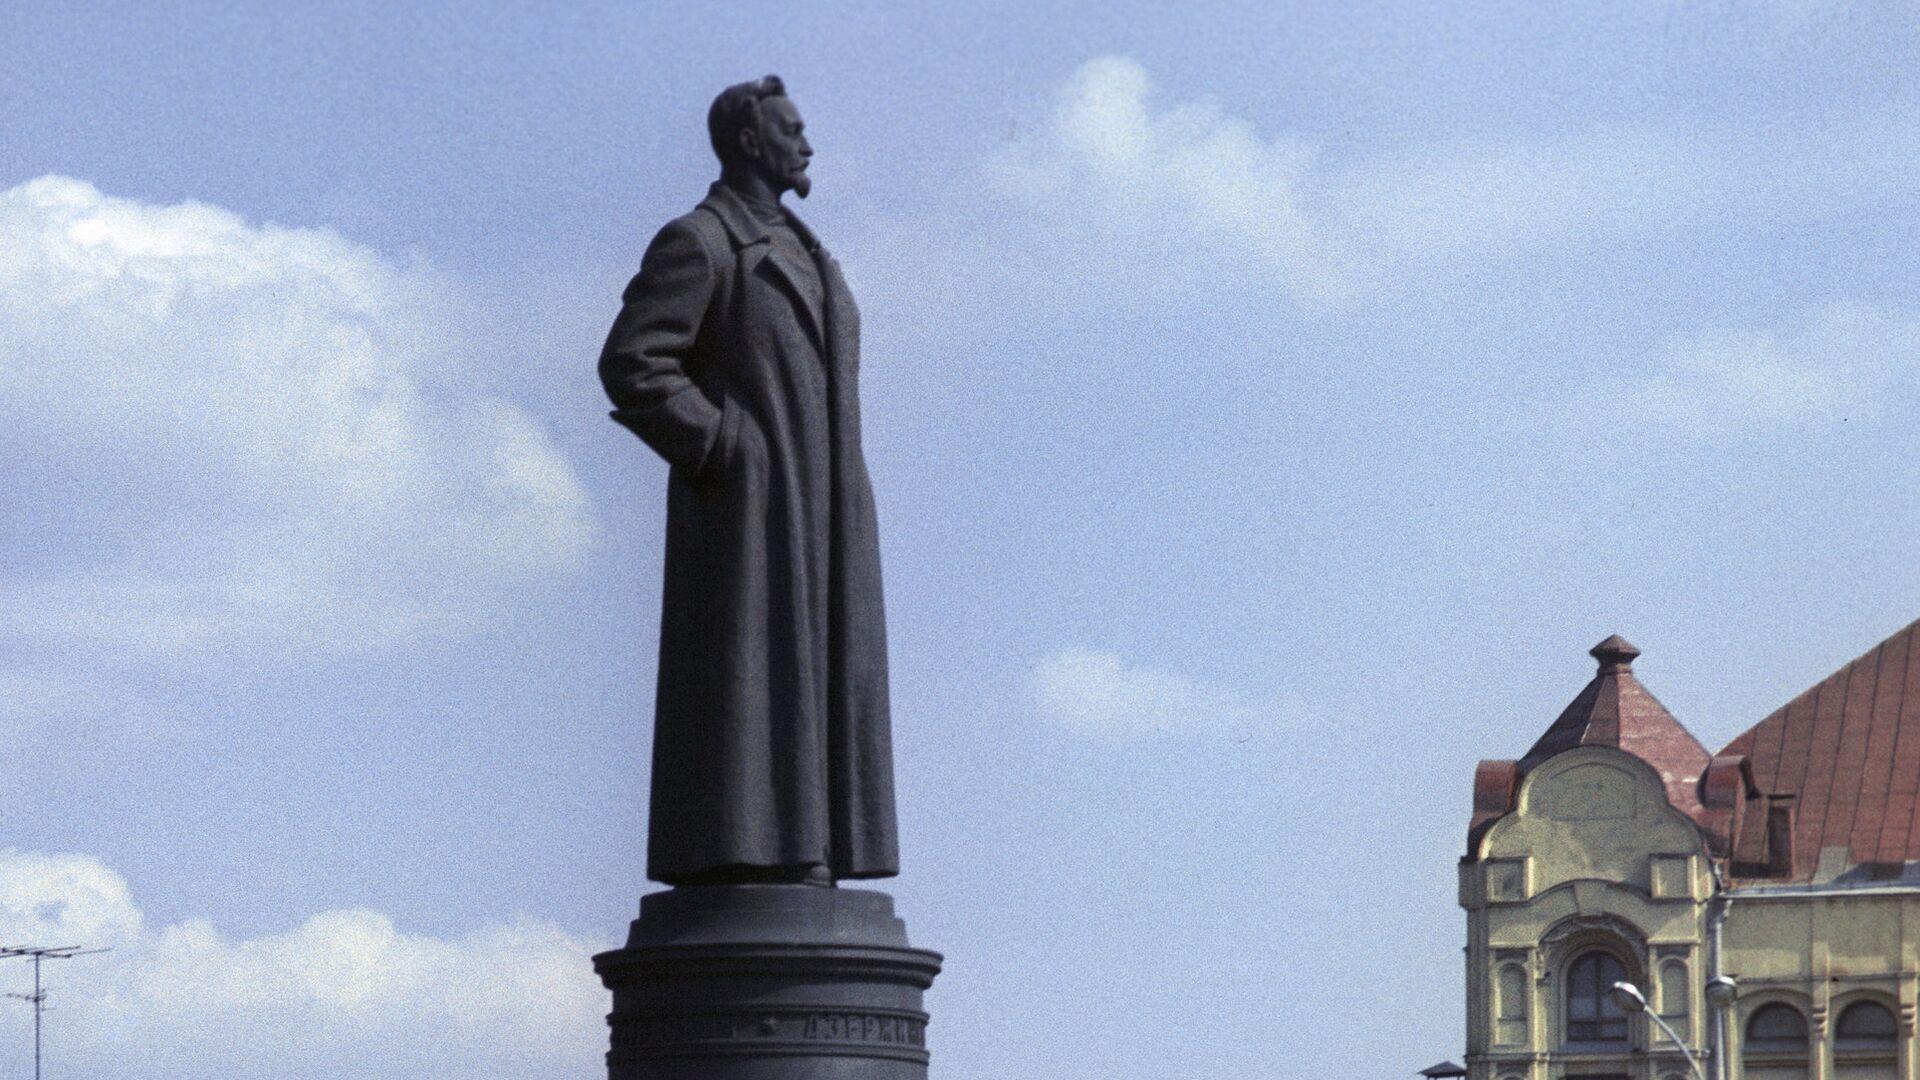 Памятник Феликсу Эдмундовичу Дзержинскому. Скульптор Е. В. Вучетич, архитектор Г. А. Захаров. 1958. - РИА Новости, 1920, 18.02.2021